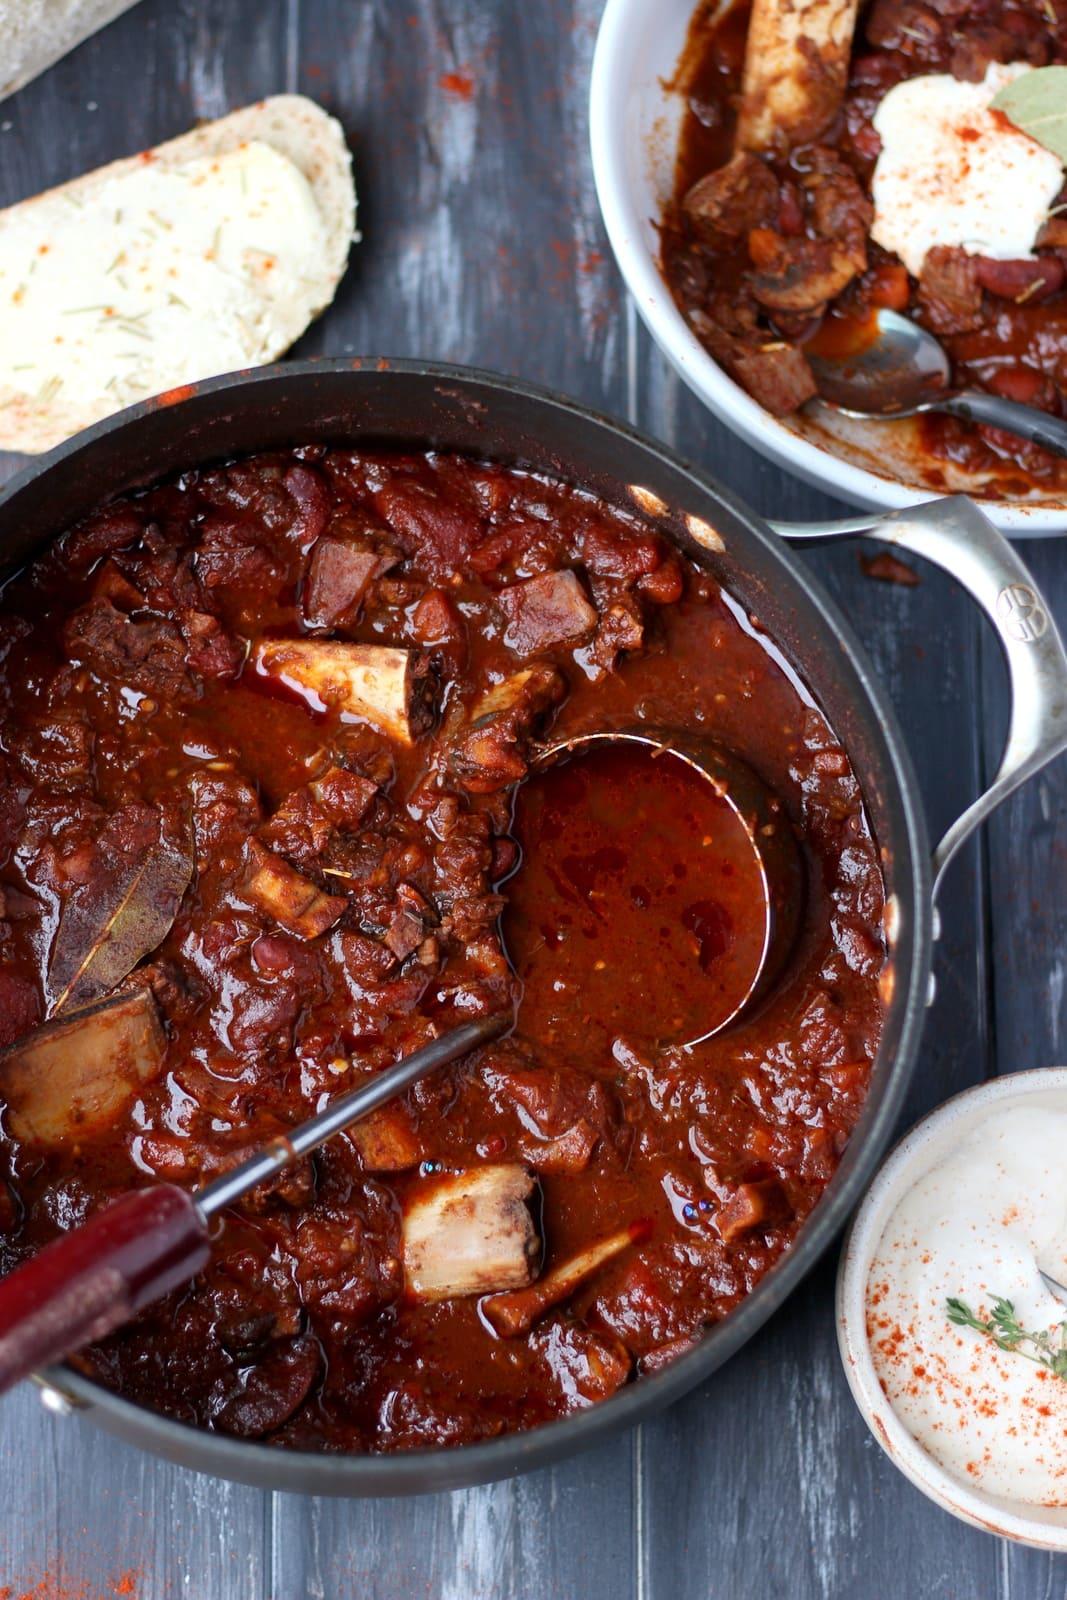 Braised Beef Shortrib Chili + Horseradish Sour Cream